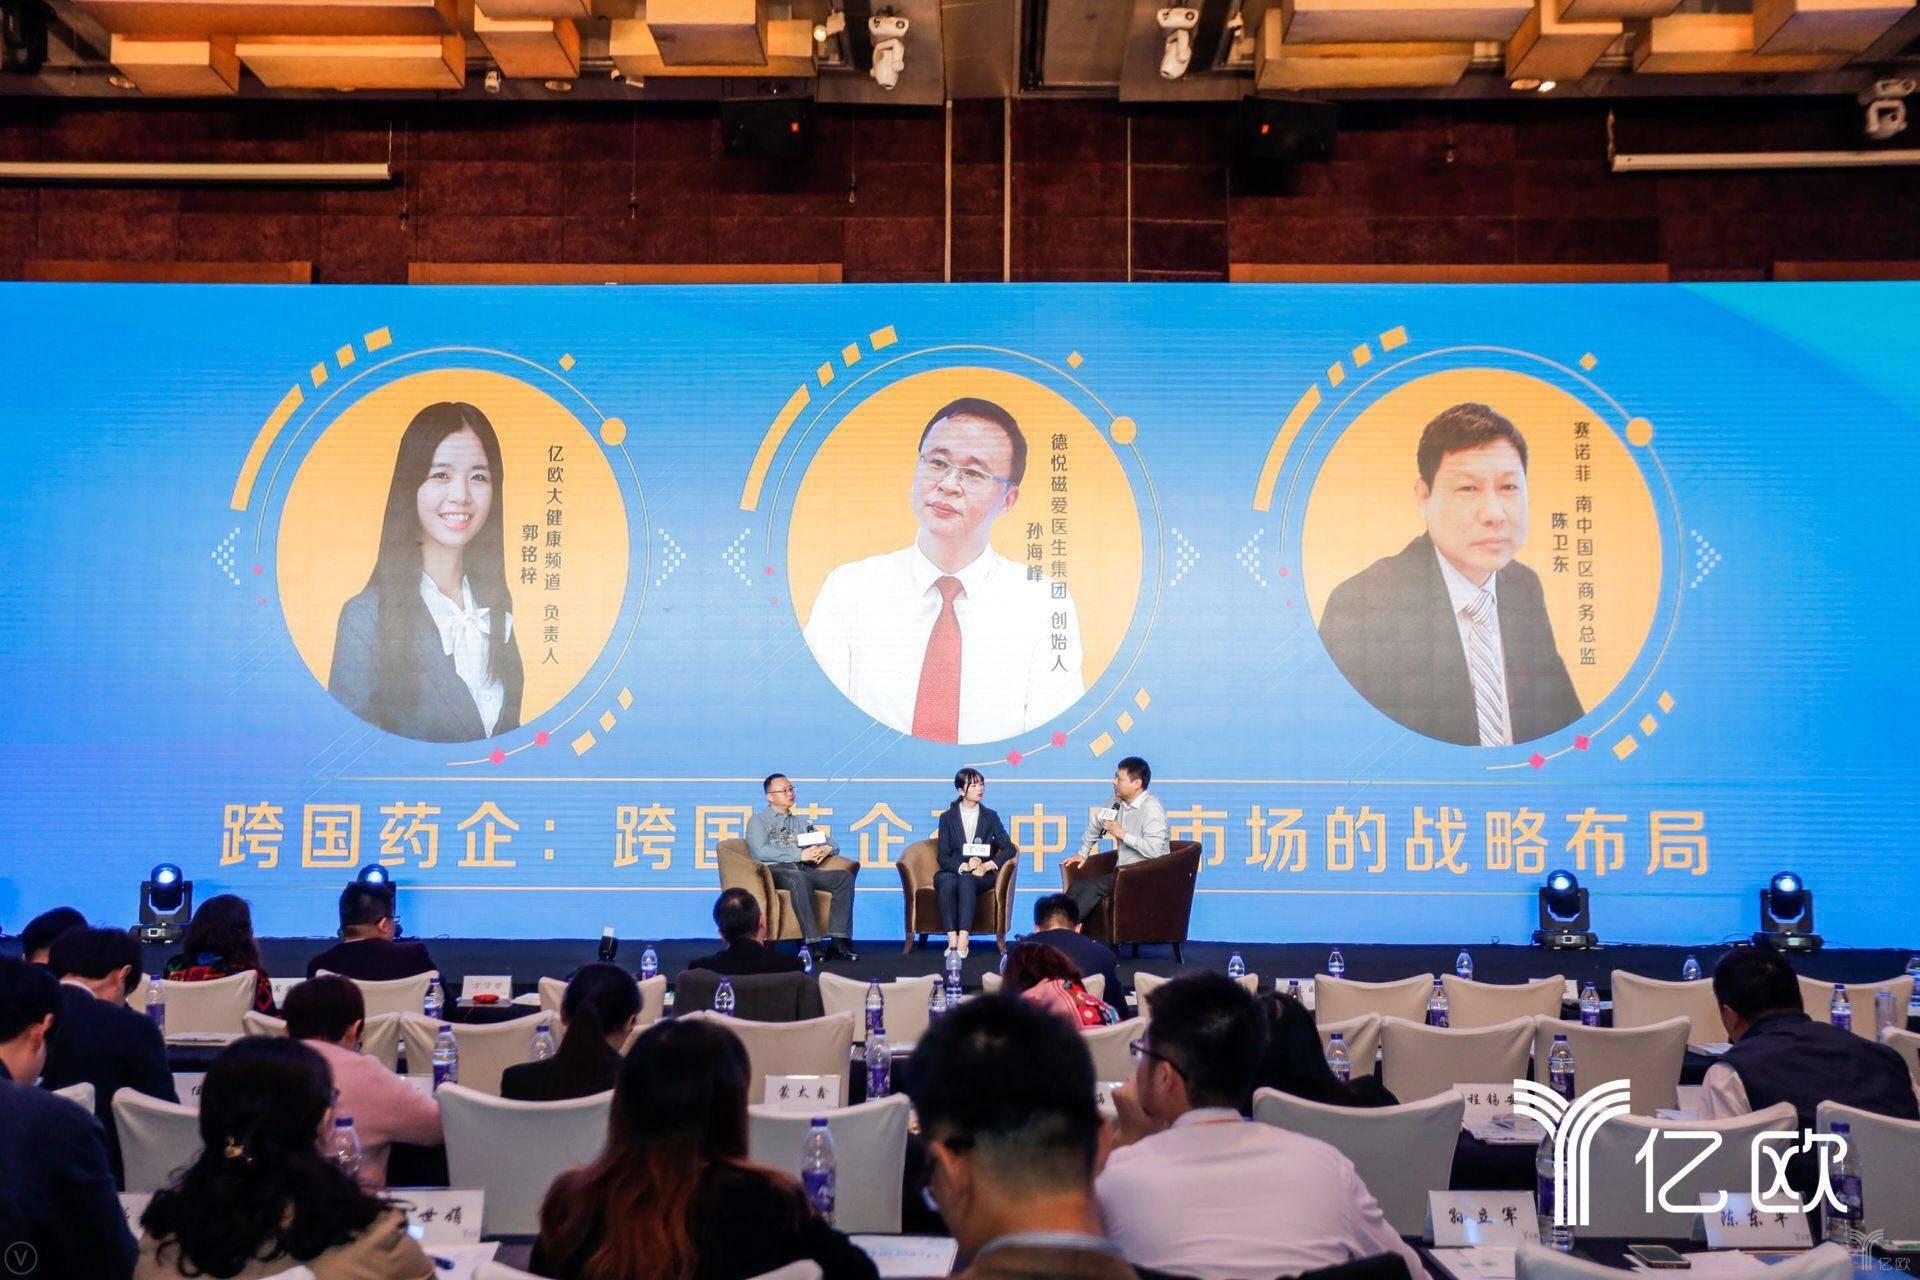 跨国药企在中国发展状况如何?看GIIS2018医药未来领袖峰会圆桌讨论